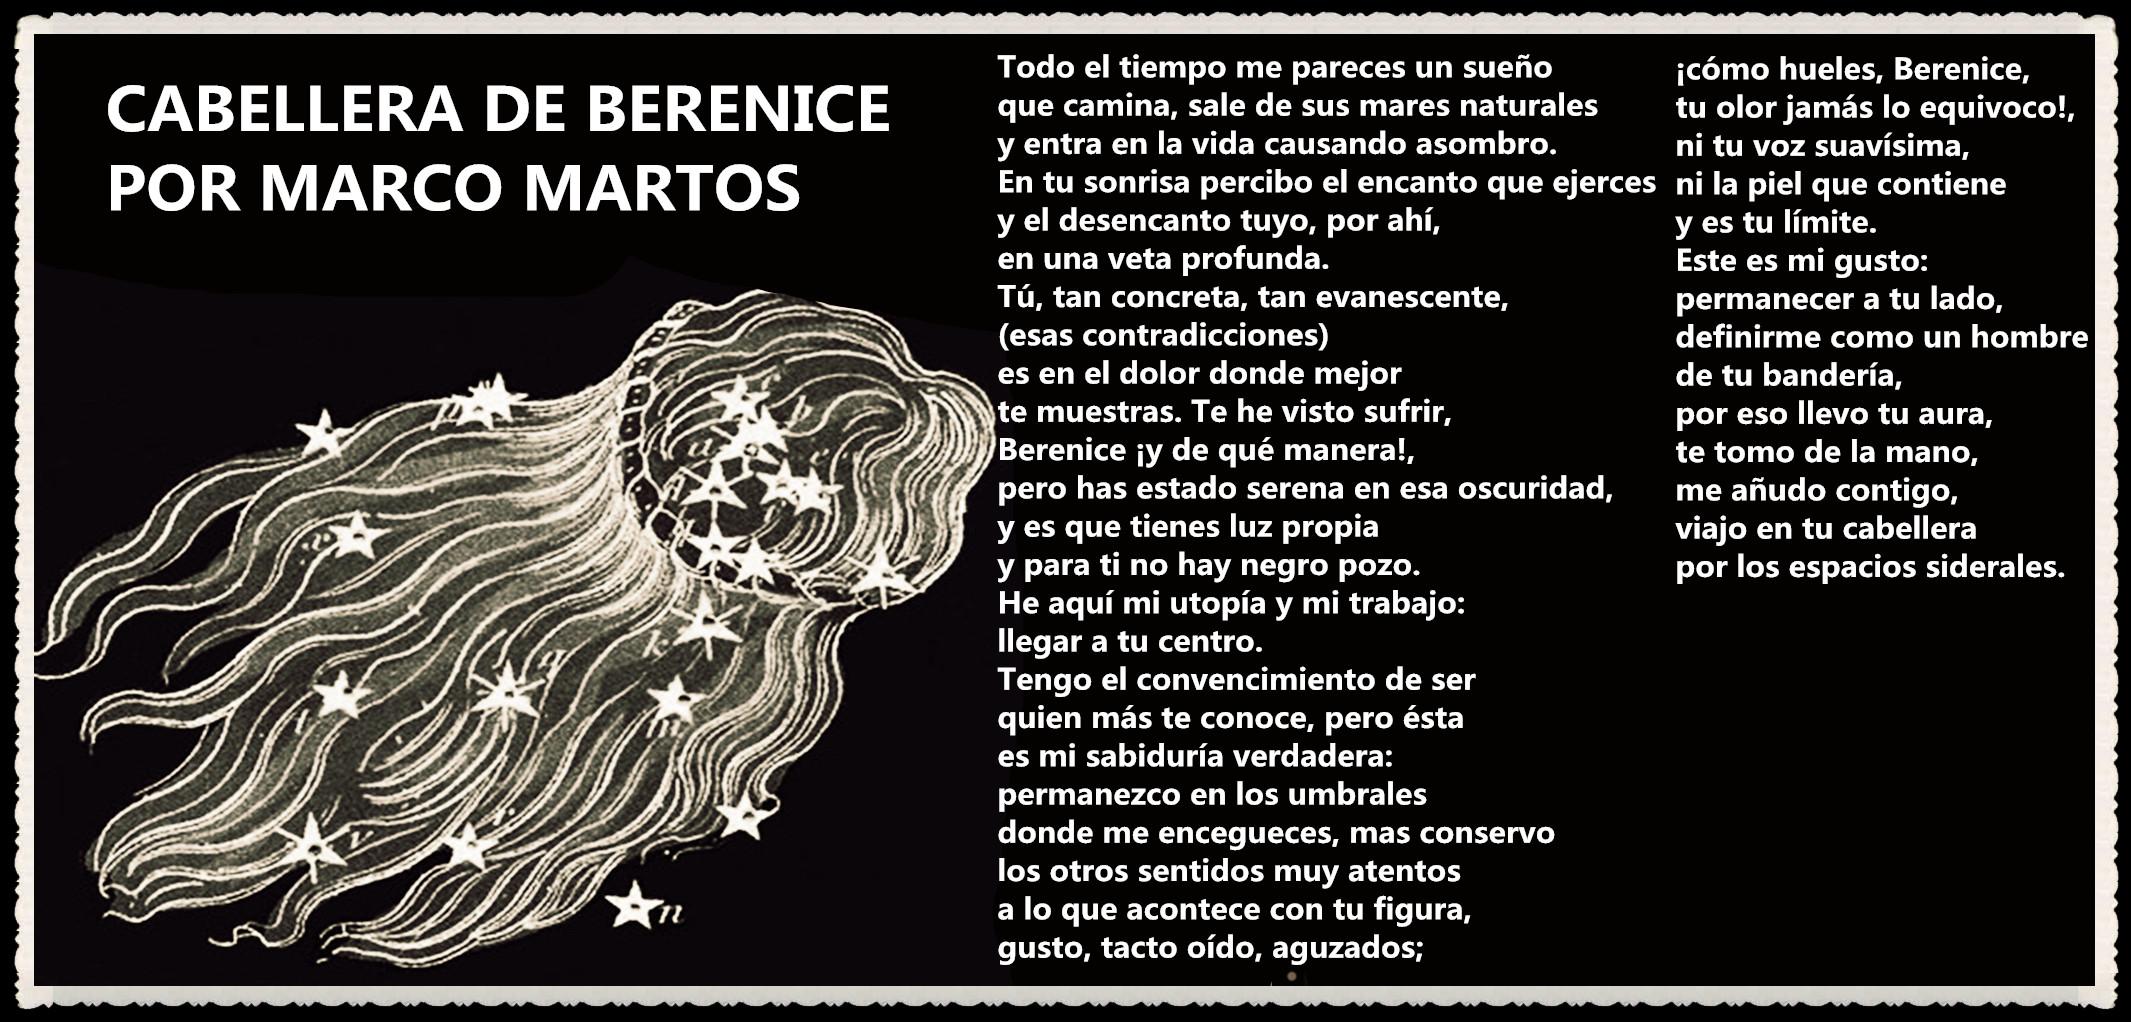 POEMA CABELLERA DE BERENICE POR MARCO MARTOS